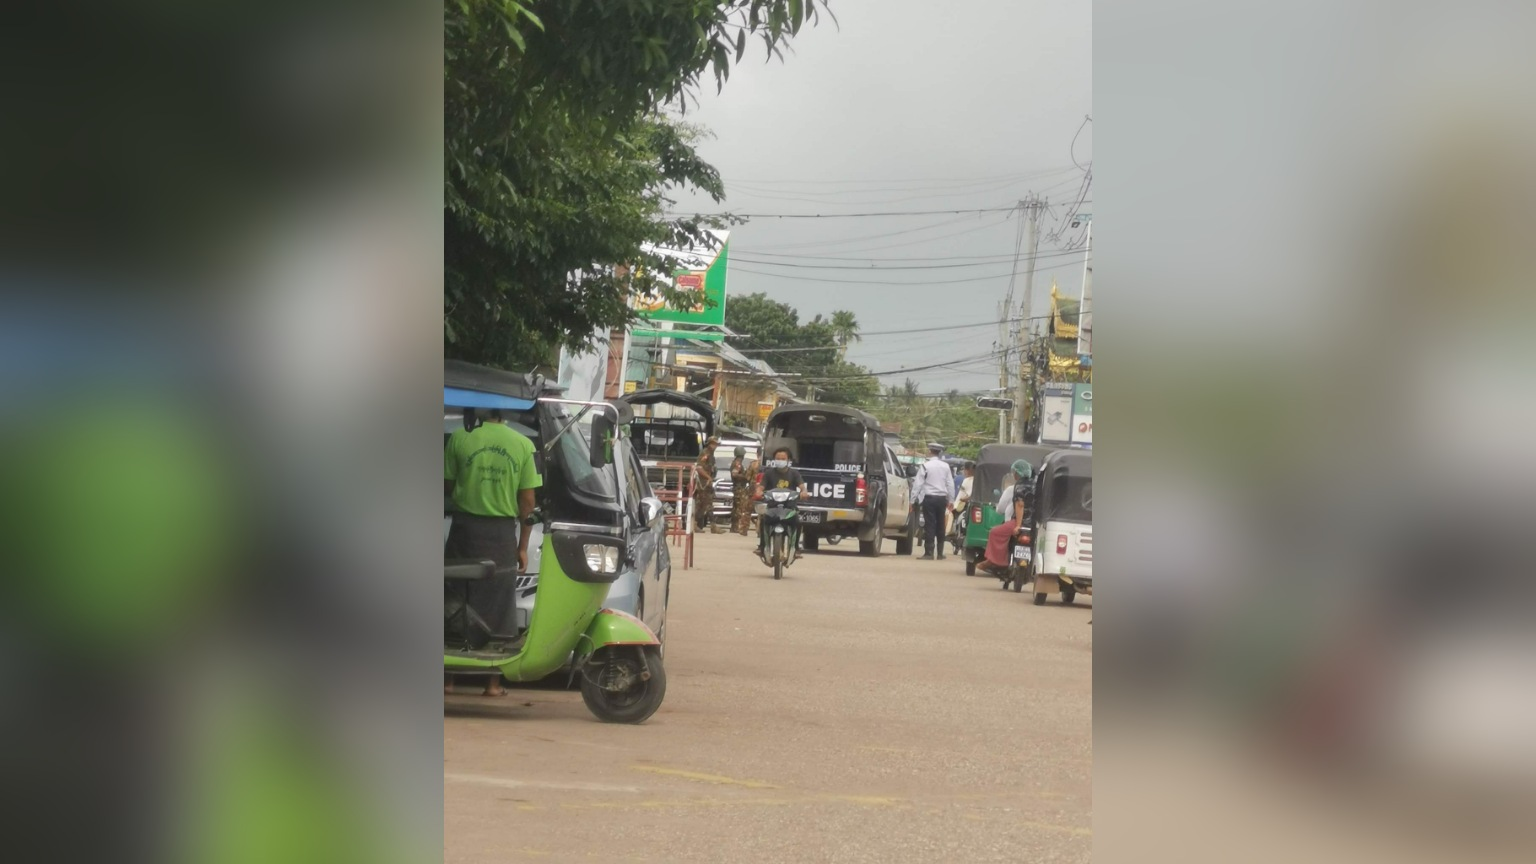 ပုသိမ်မြို့ စီးပွါးရေးဘဏ်ရှေ့က စစ်အုပ်စုလုံခြုံရေးဘန်ကာရှေ့ ဗုံးပေါက်